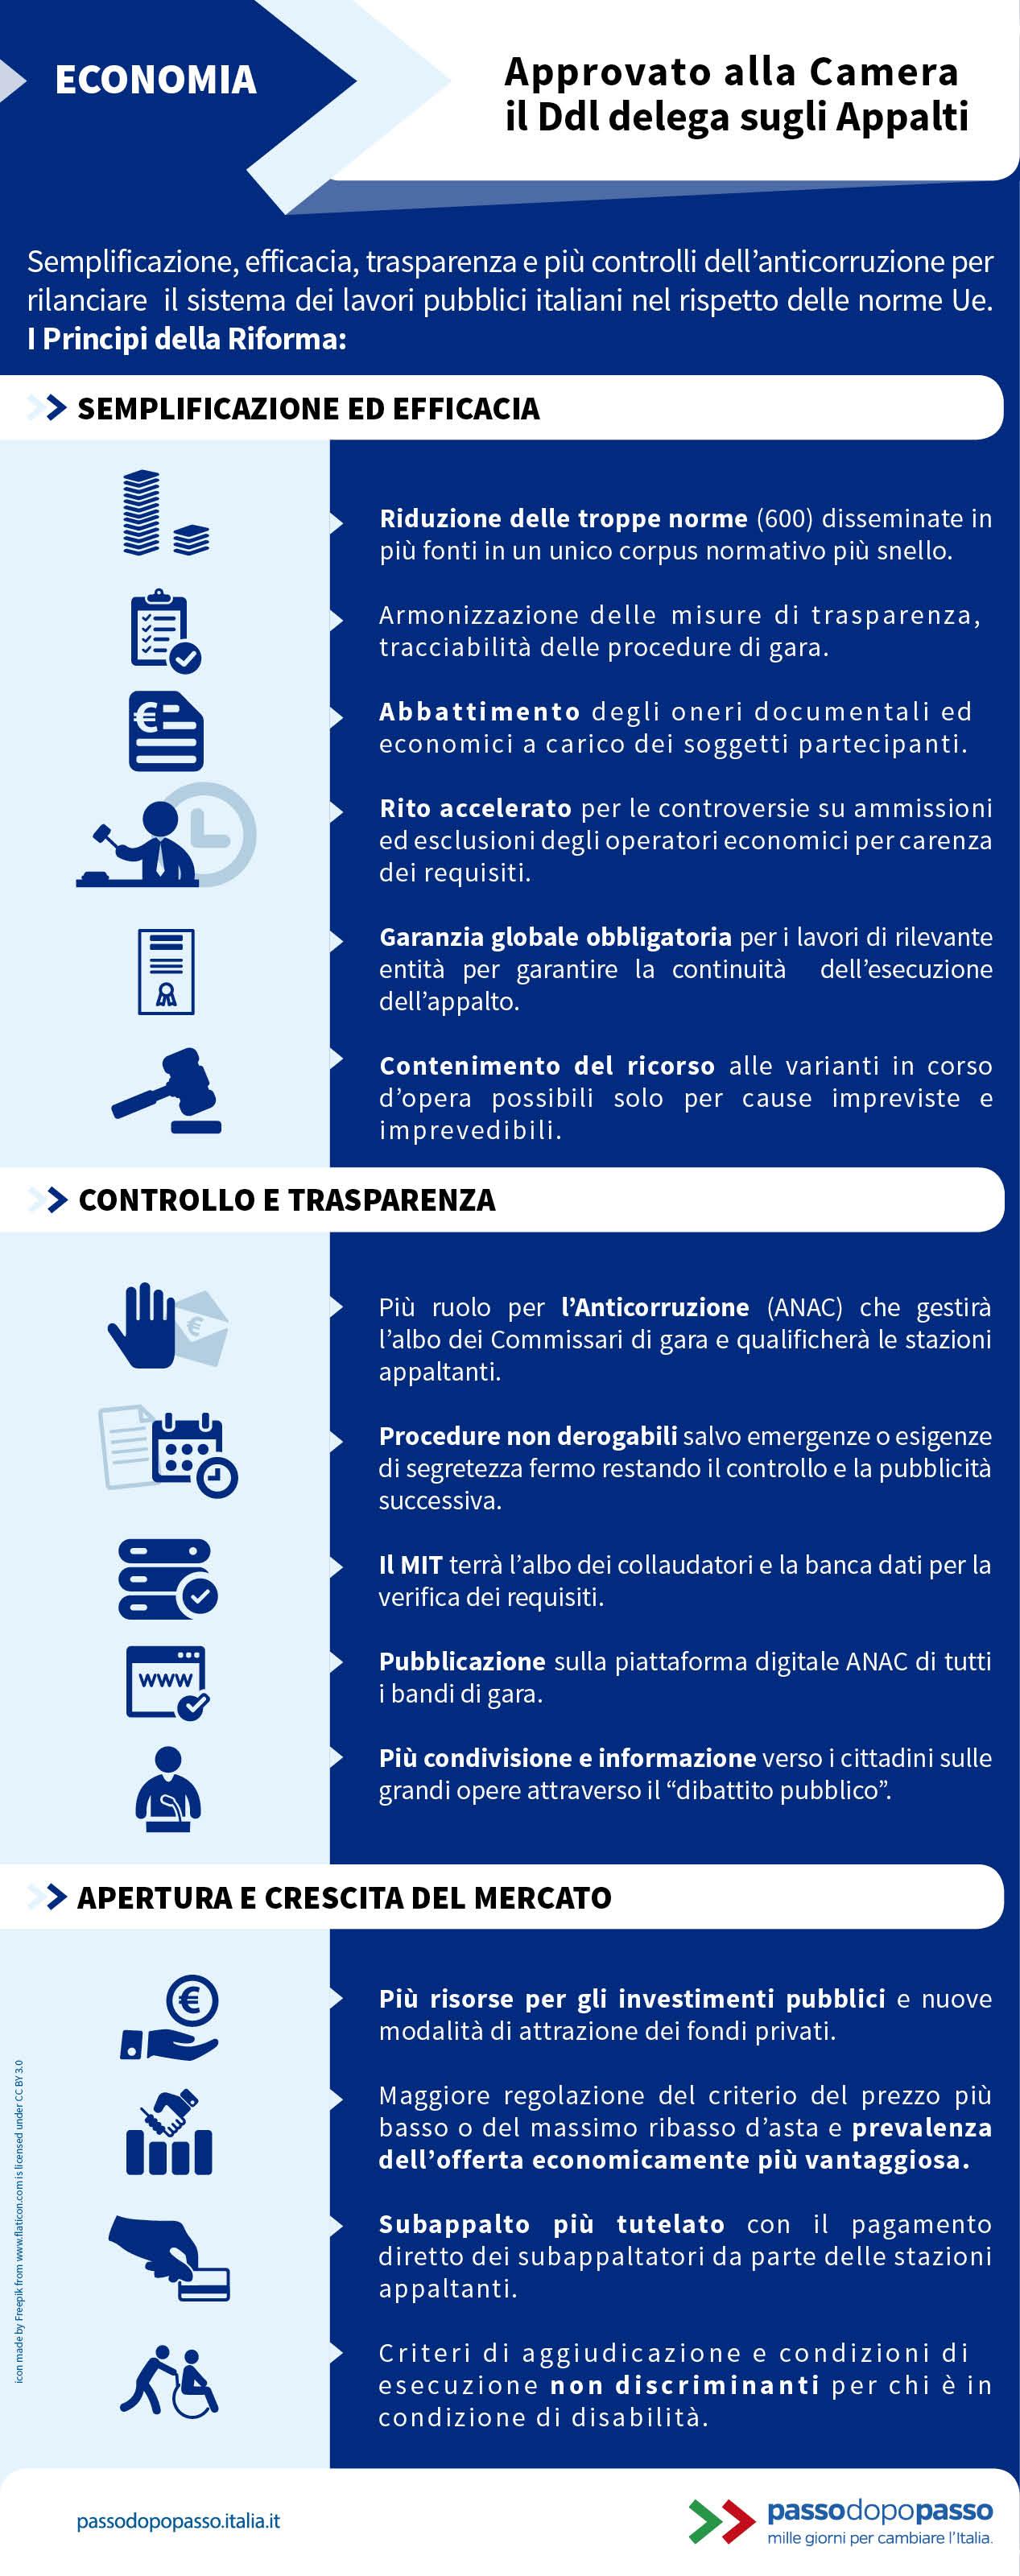 Infografica: Approvato alla Camera il Ddl  delega sugli Appalti